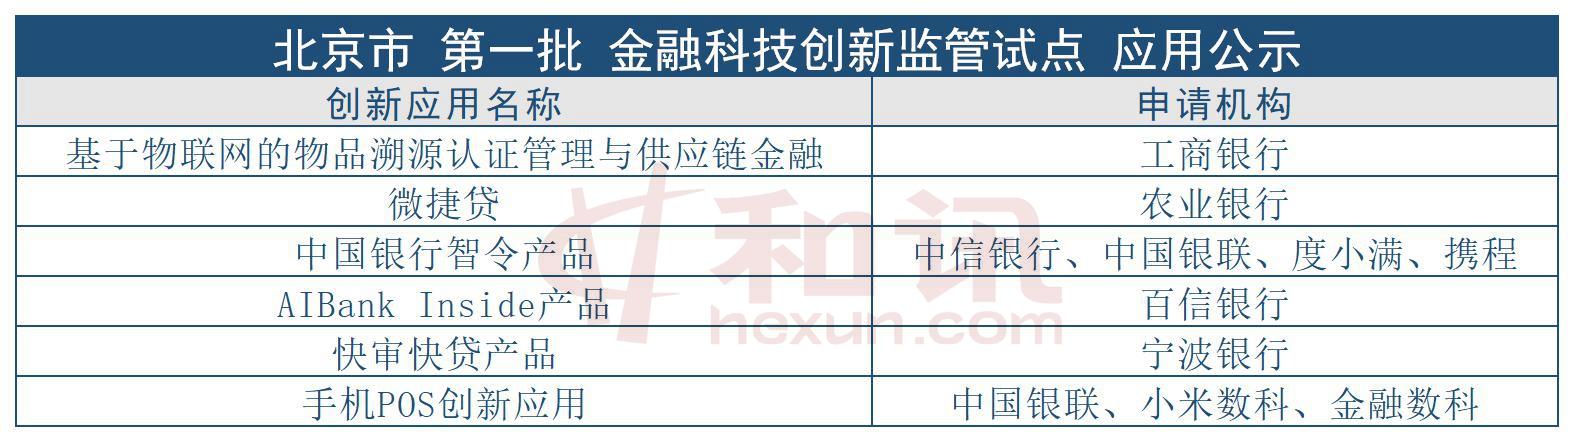 深圳首批监金融科技创新监管试点应用公示 三城市累计29项应用进入监管沙盒